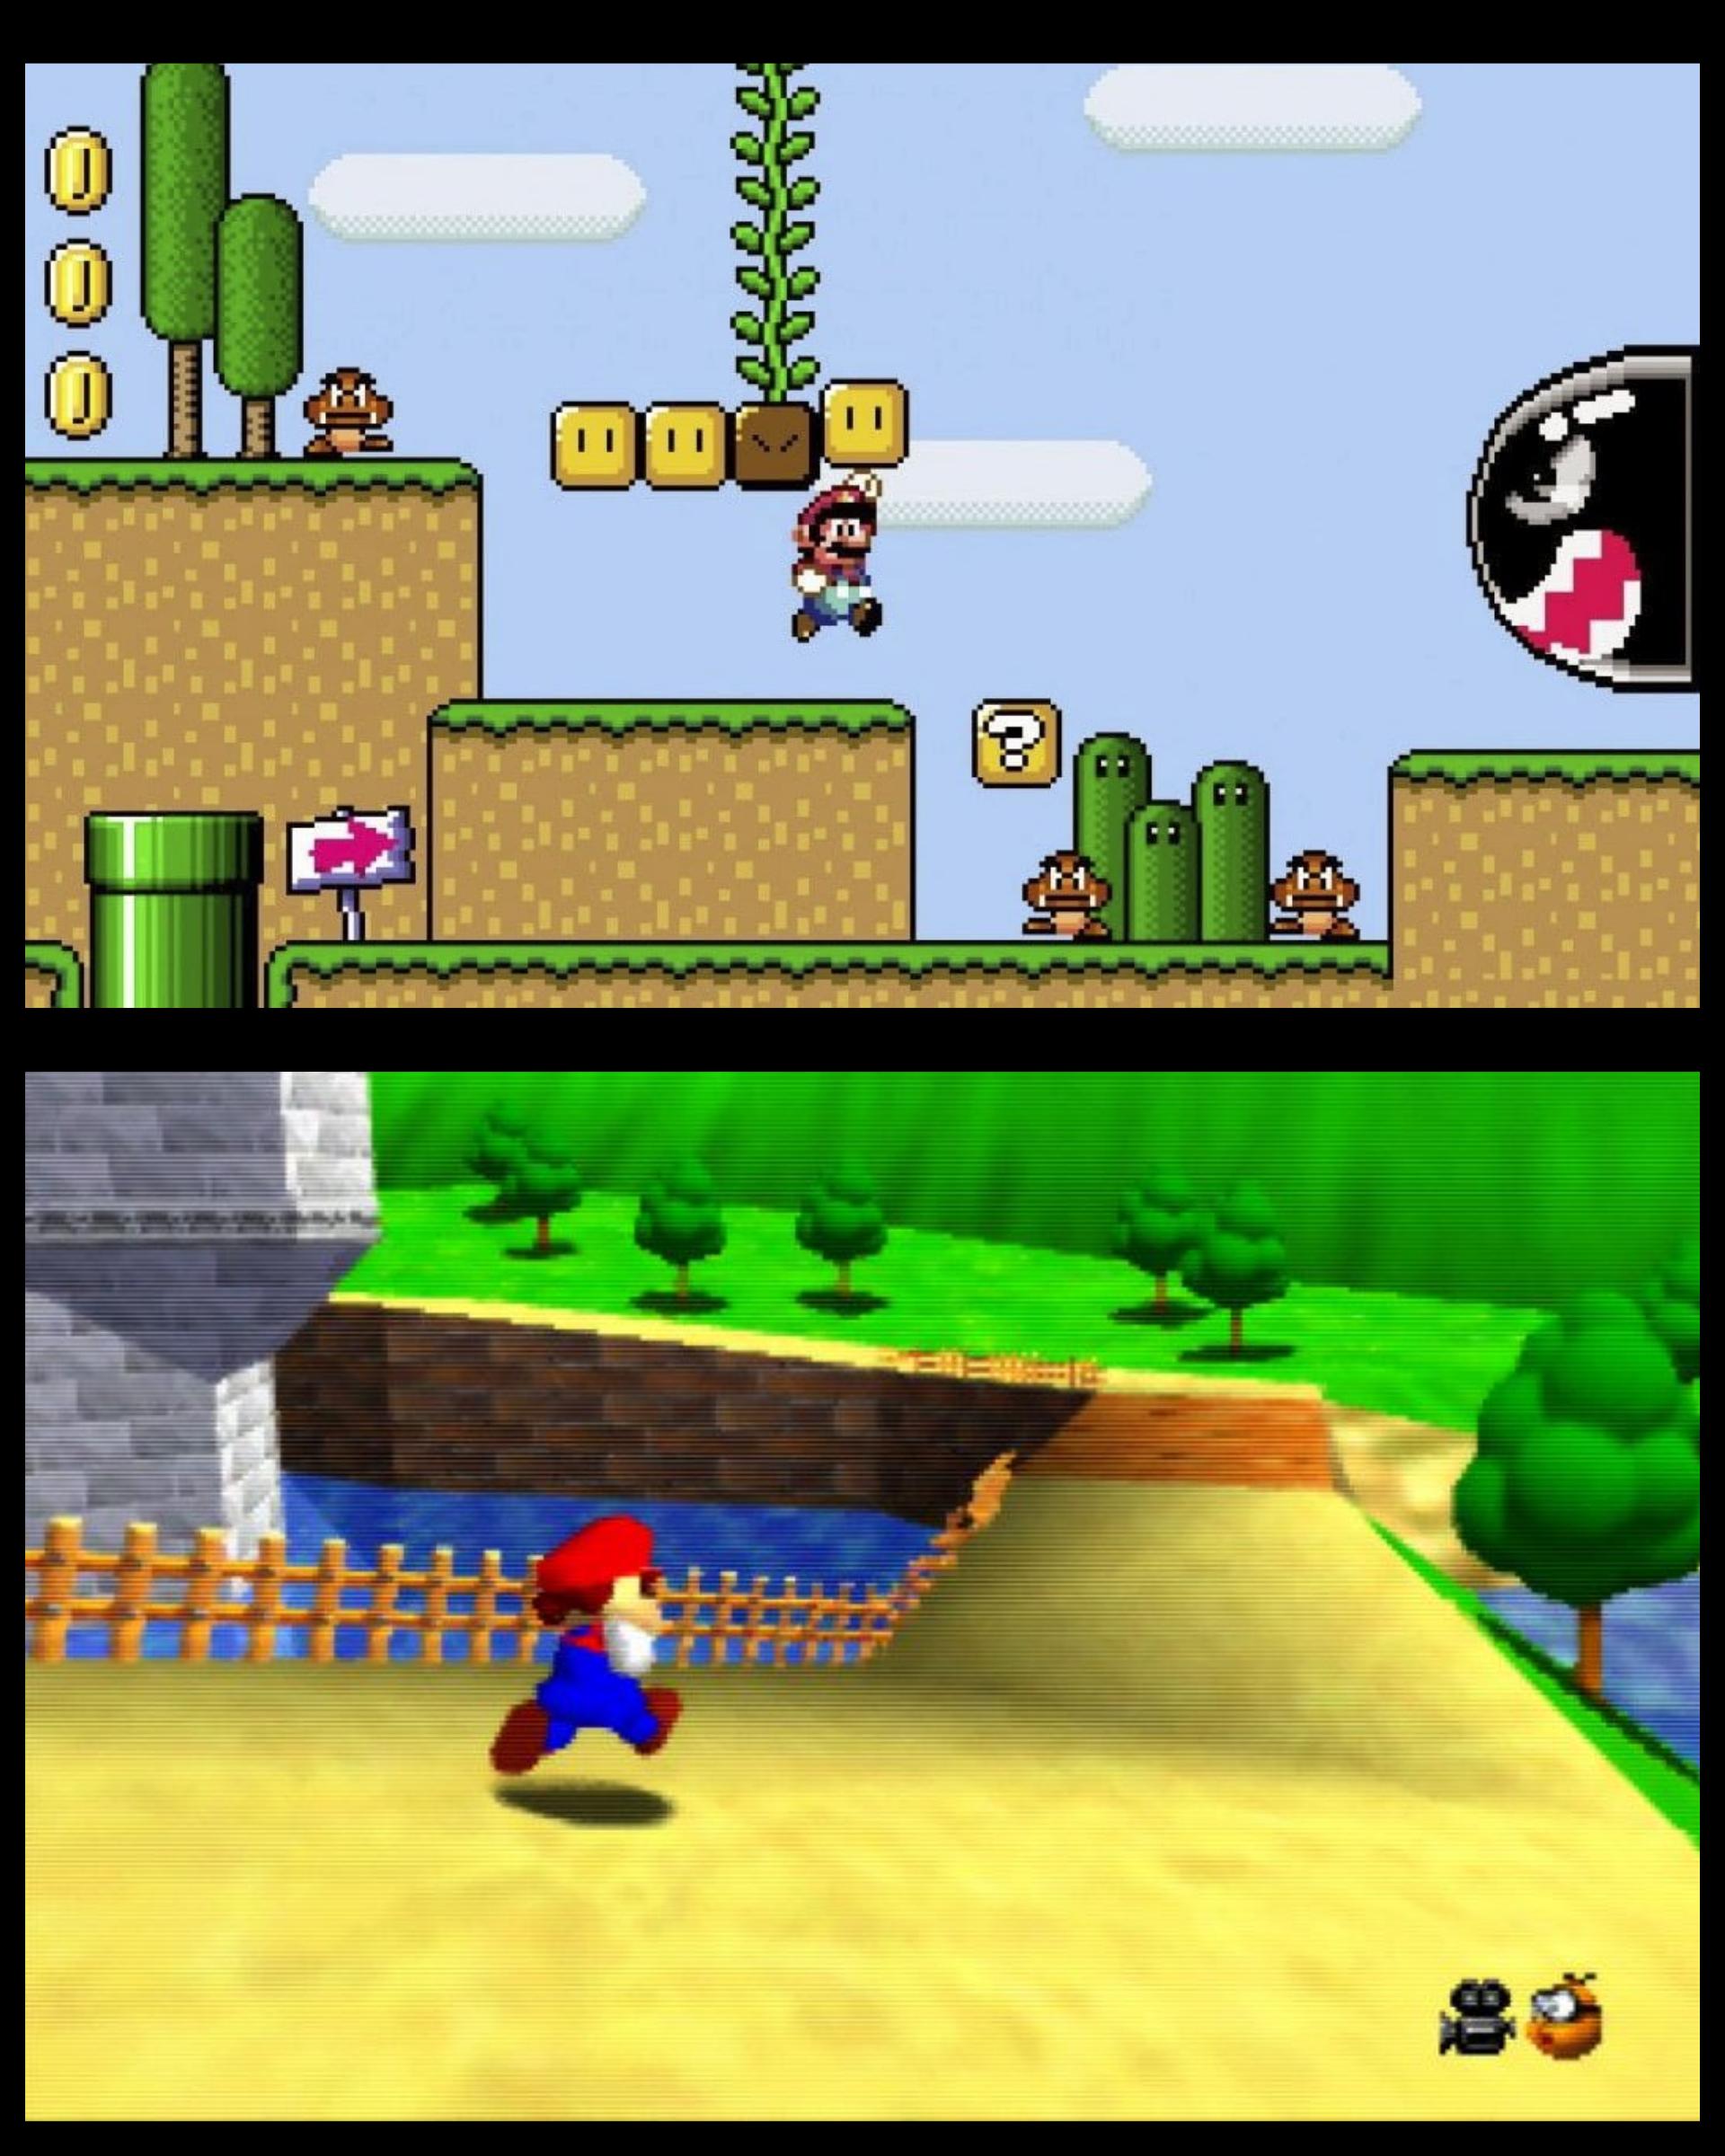 Super Mario 64 vs Super Mario World